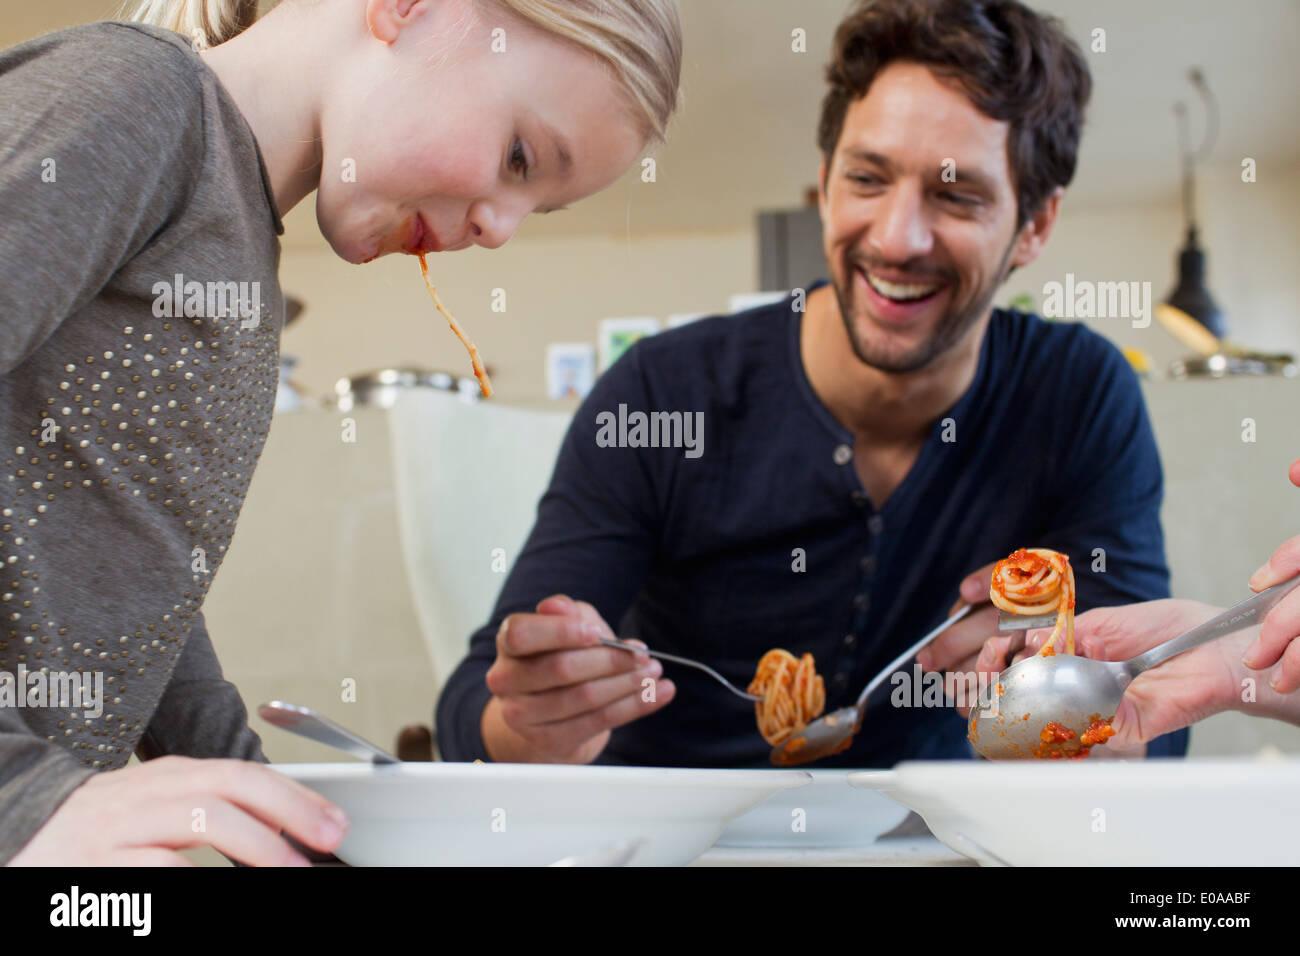 Mid adult man et la famille de manger un repas spaghetti Photo Stock